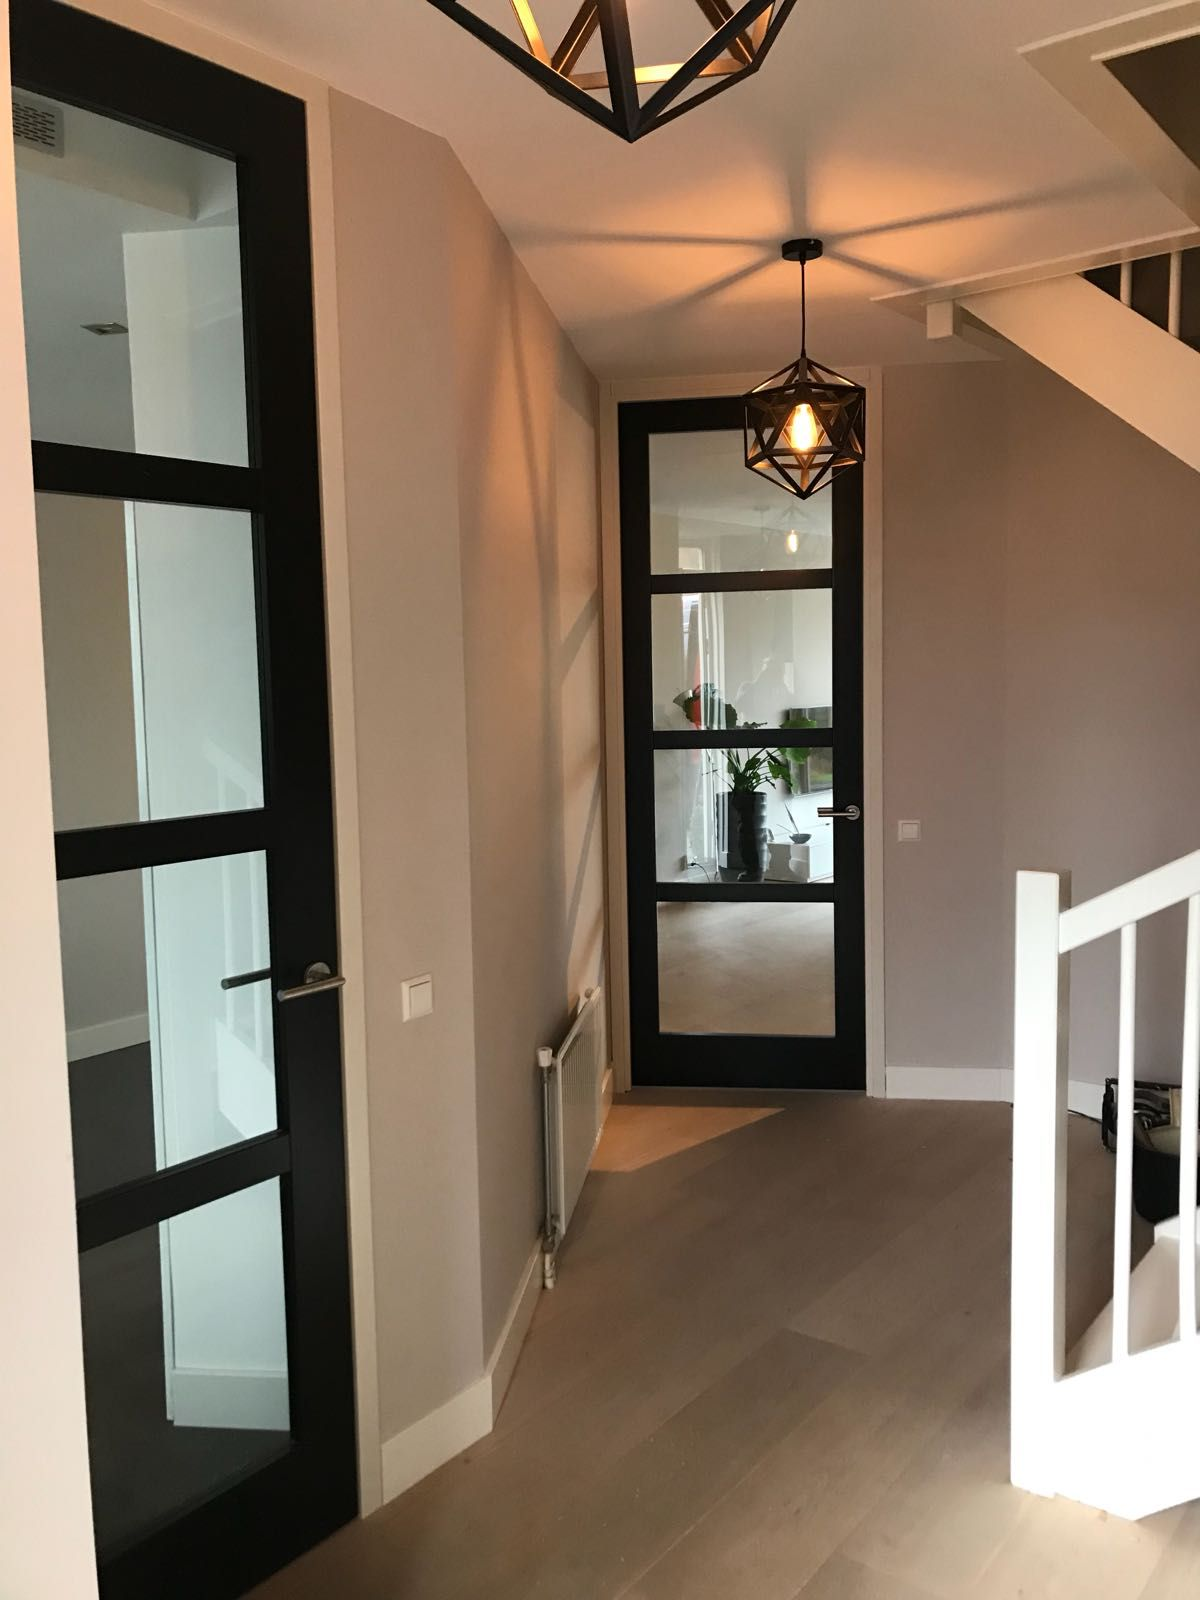 #Houten #moderne #binnendeuren met een #steel-look in een #kozijn van Simon Maree #staal #steel #interiordesign #interior #halinrichting